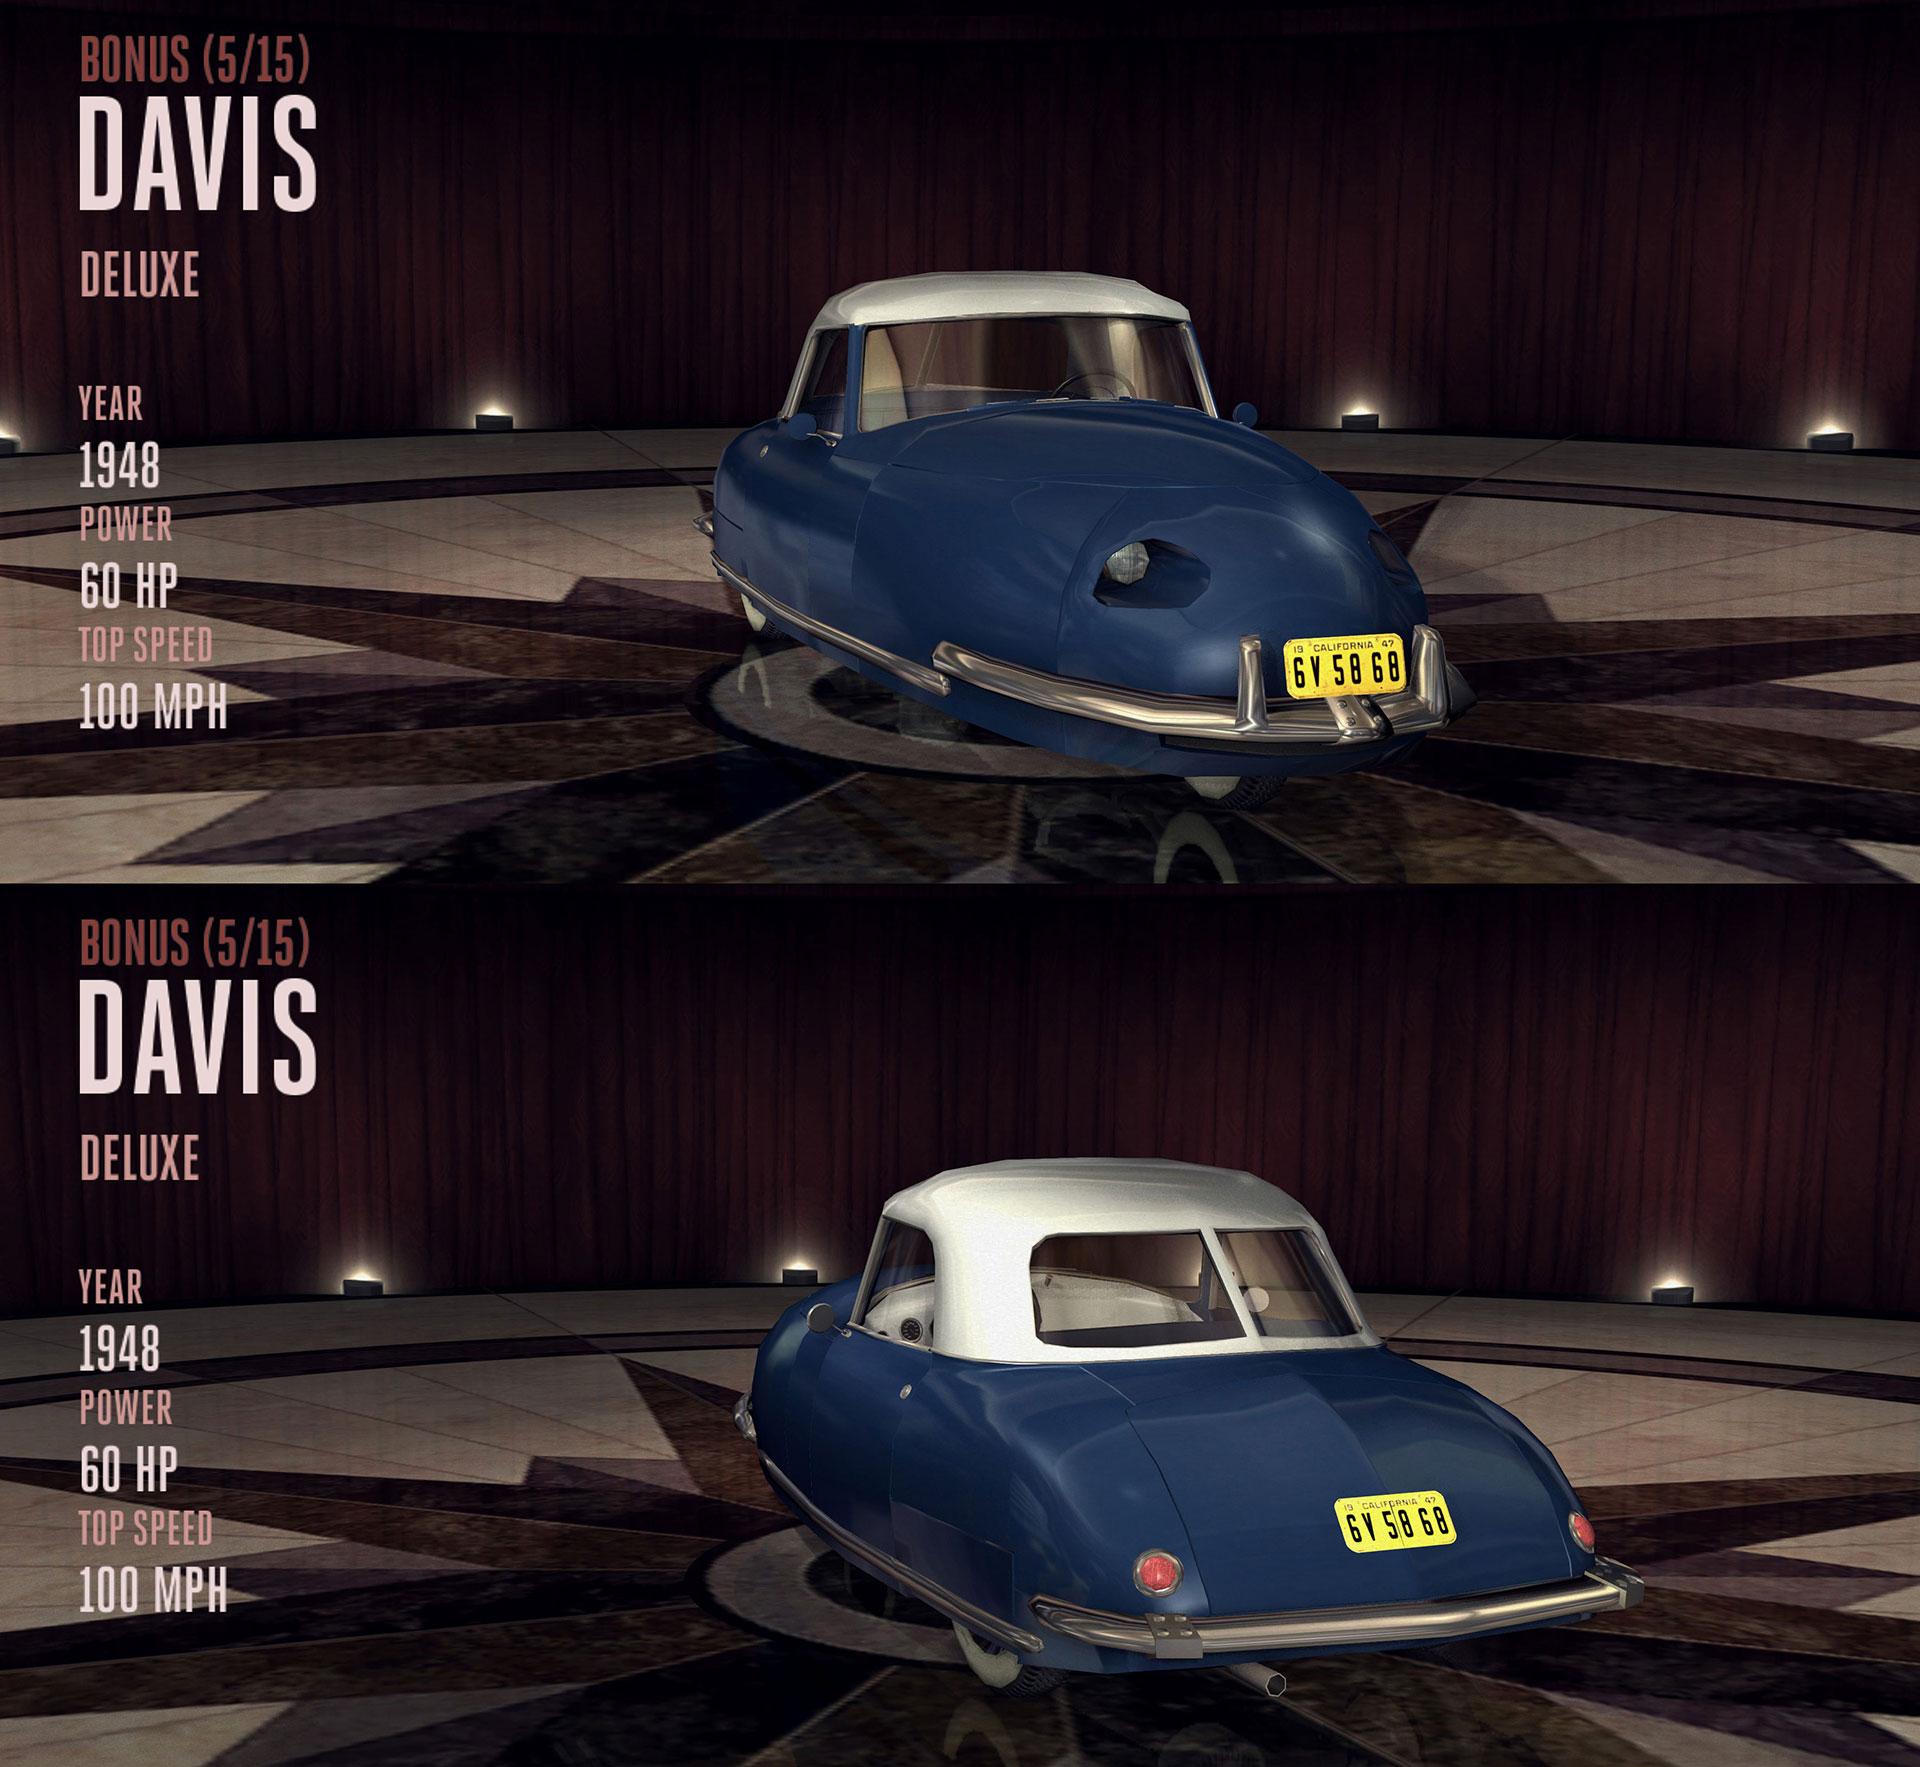 Davis Deluxe